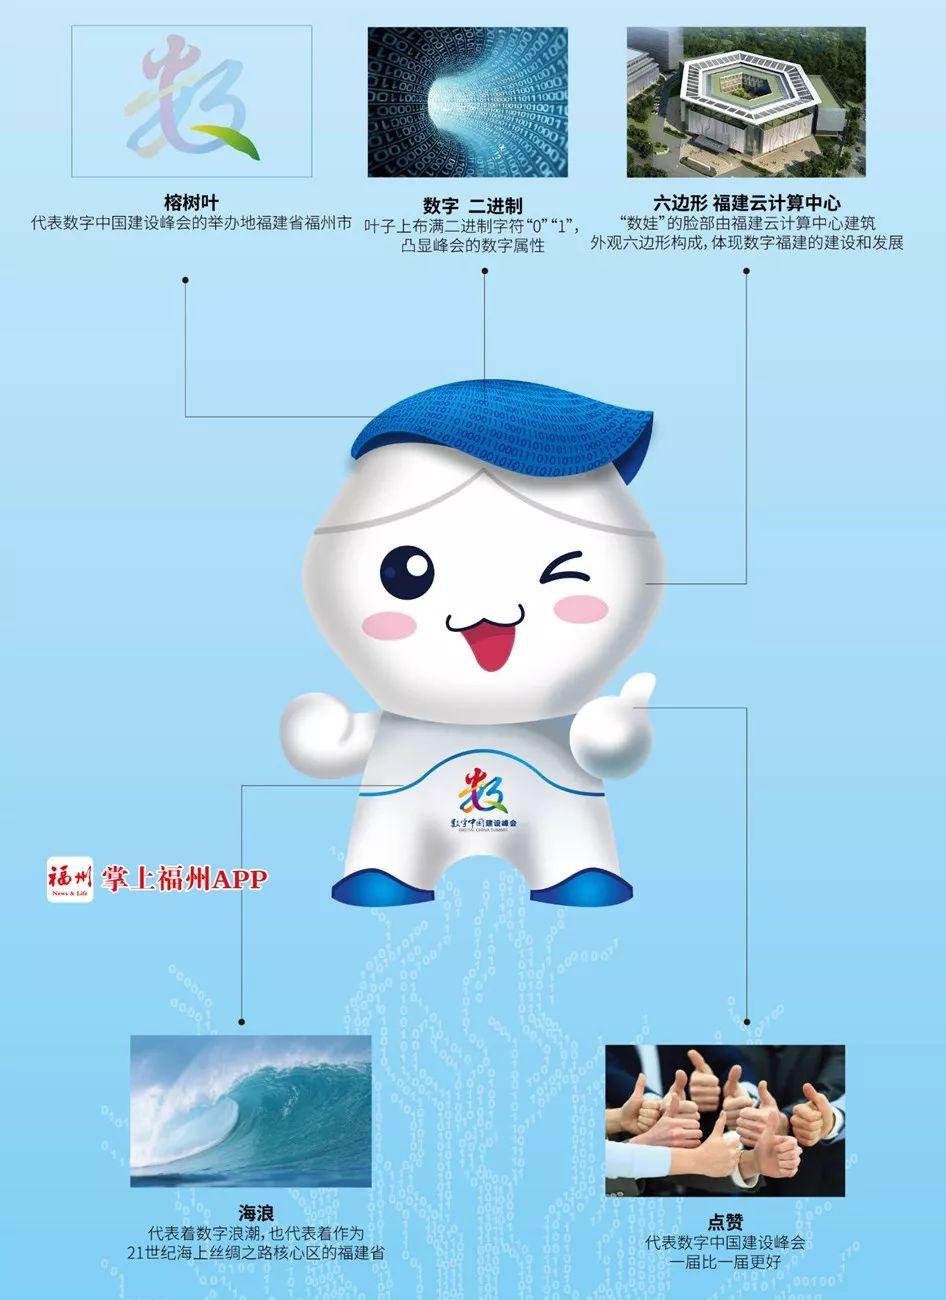 """第二届数字中国建设峰会将在福州召开 峰会吉祥物""""数娃""""发布"""